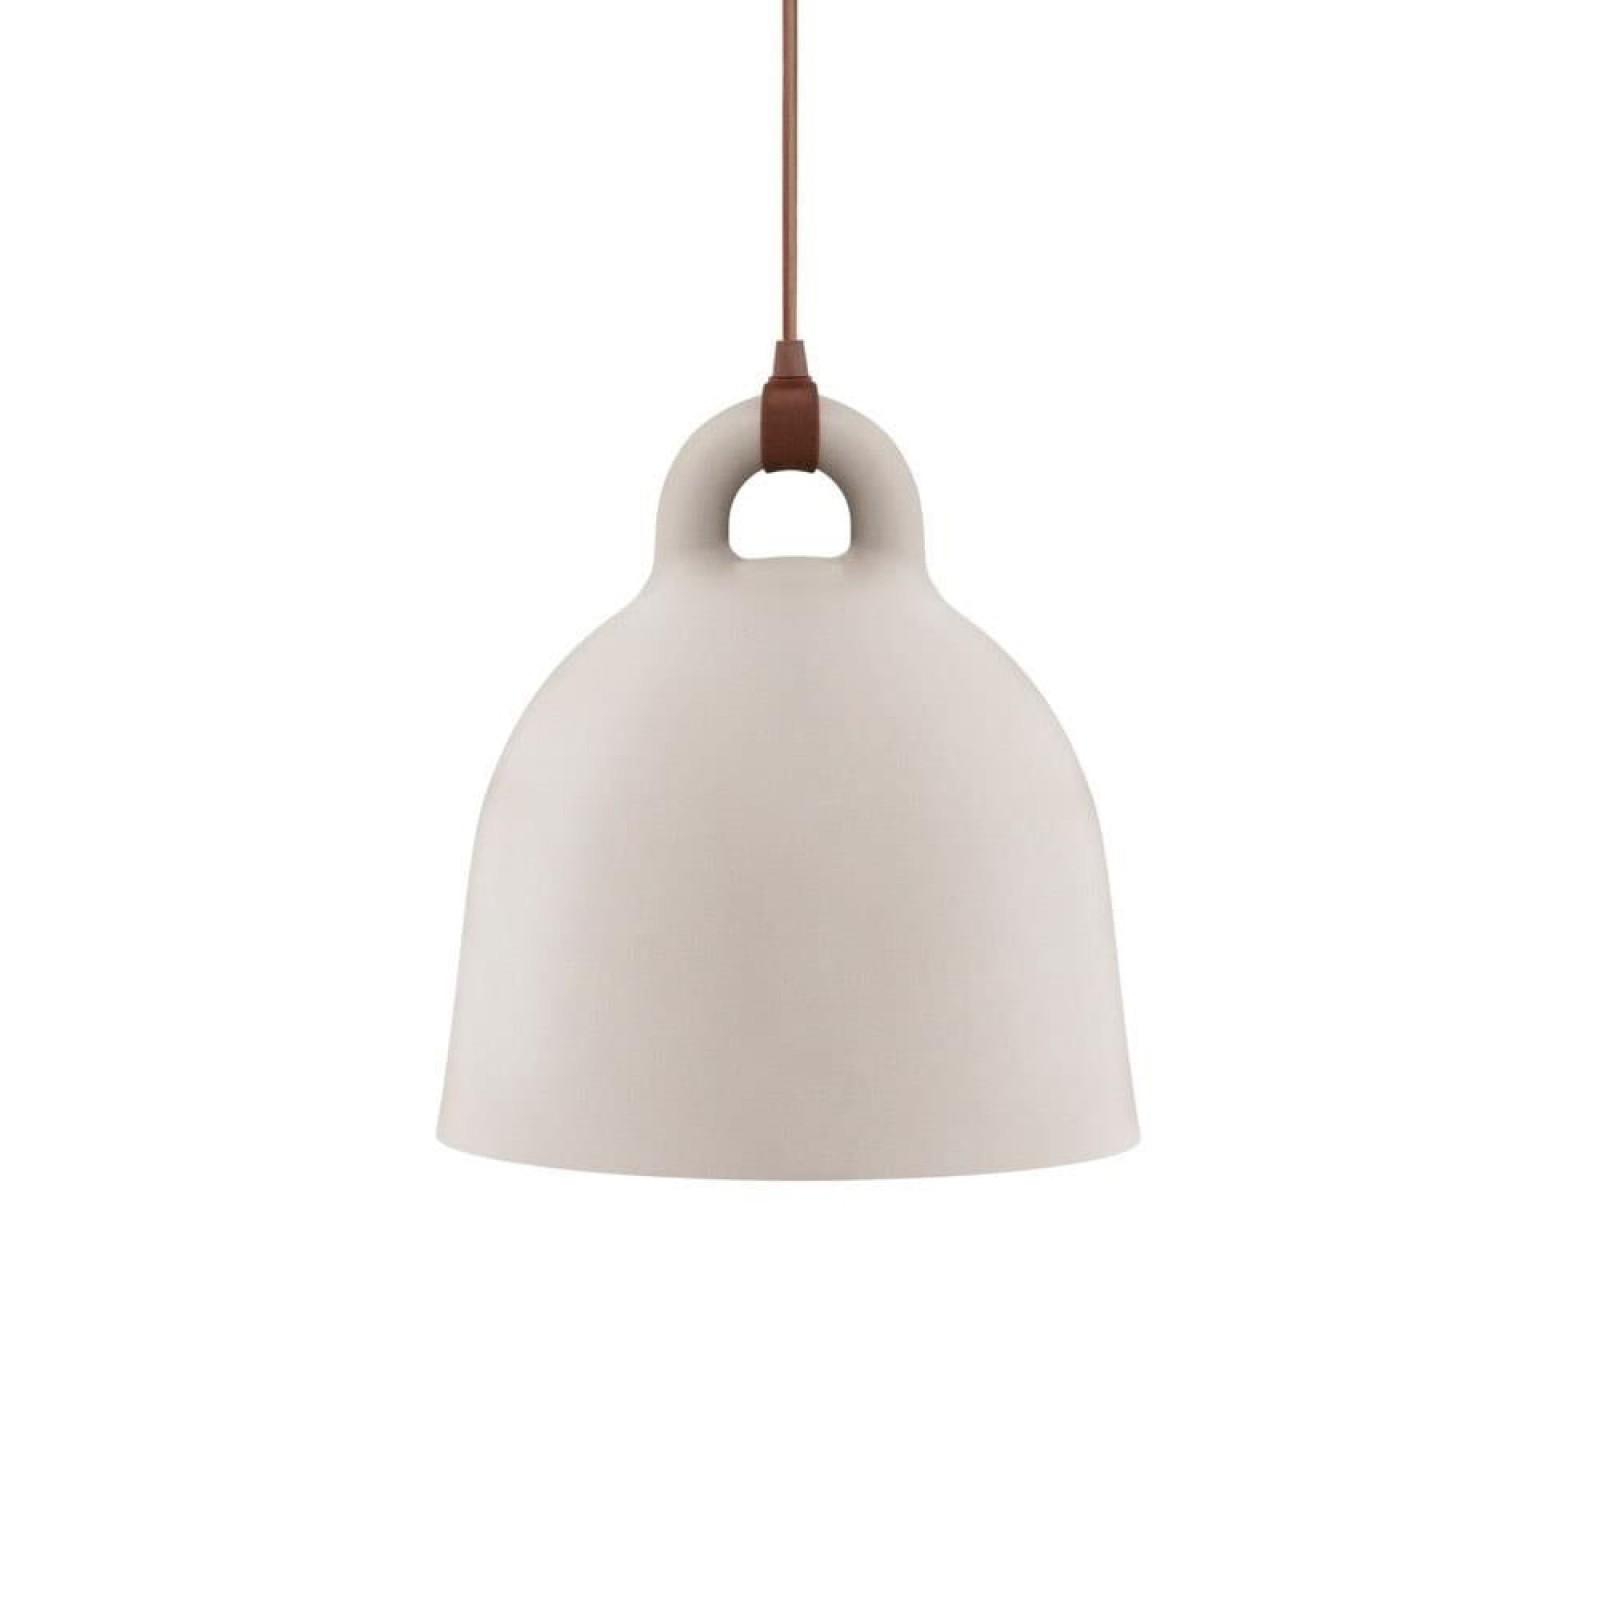 Φωτιστικό Οροφής Bell Medium (Μπεζ) - Normann Copenhagen